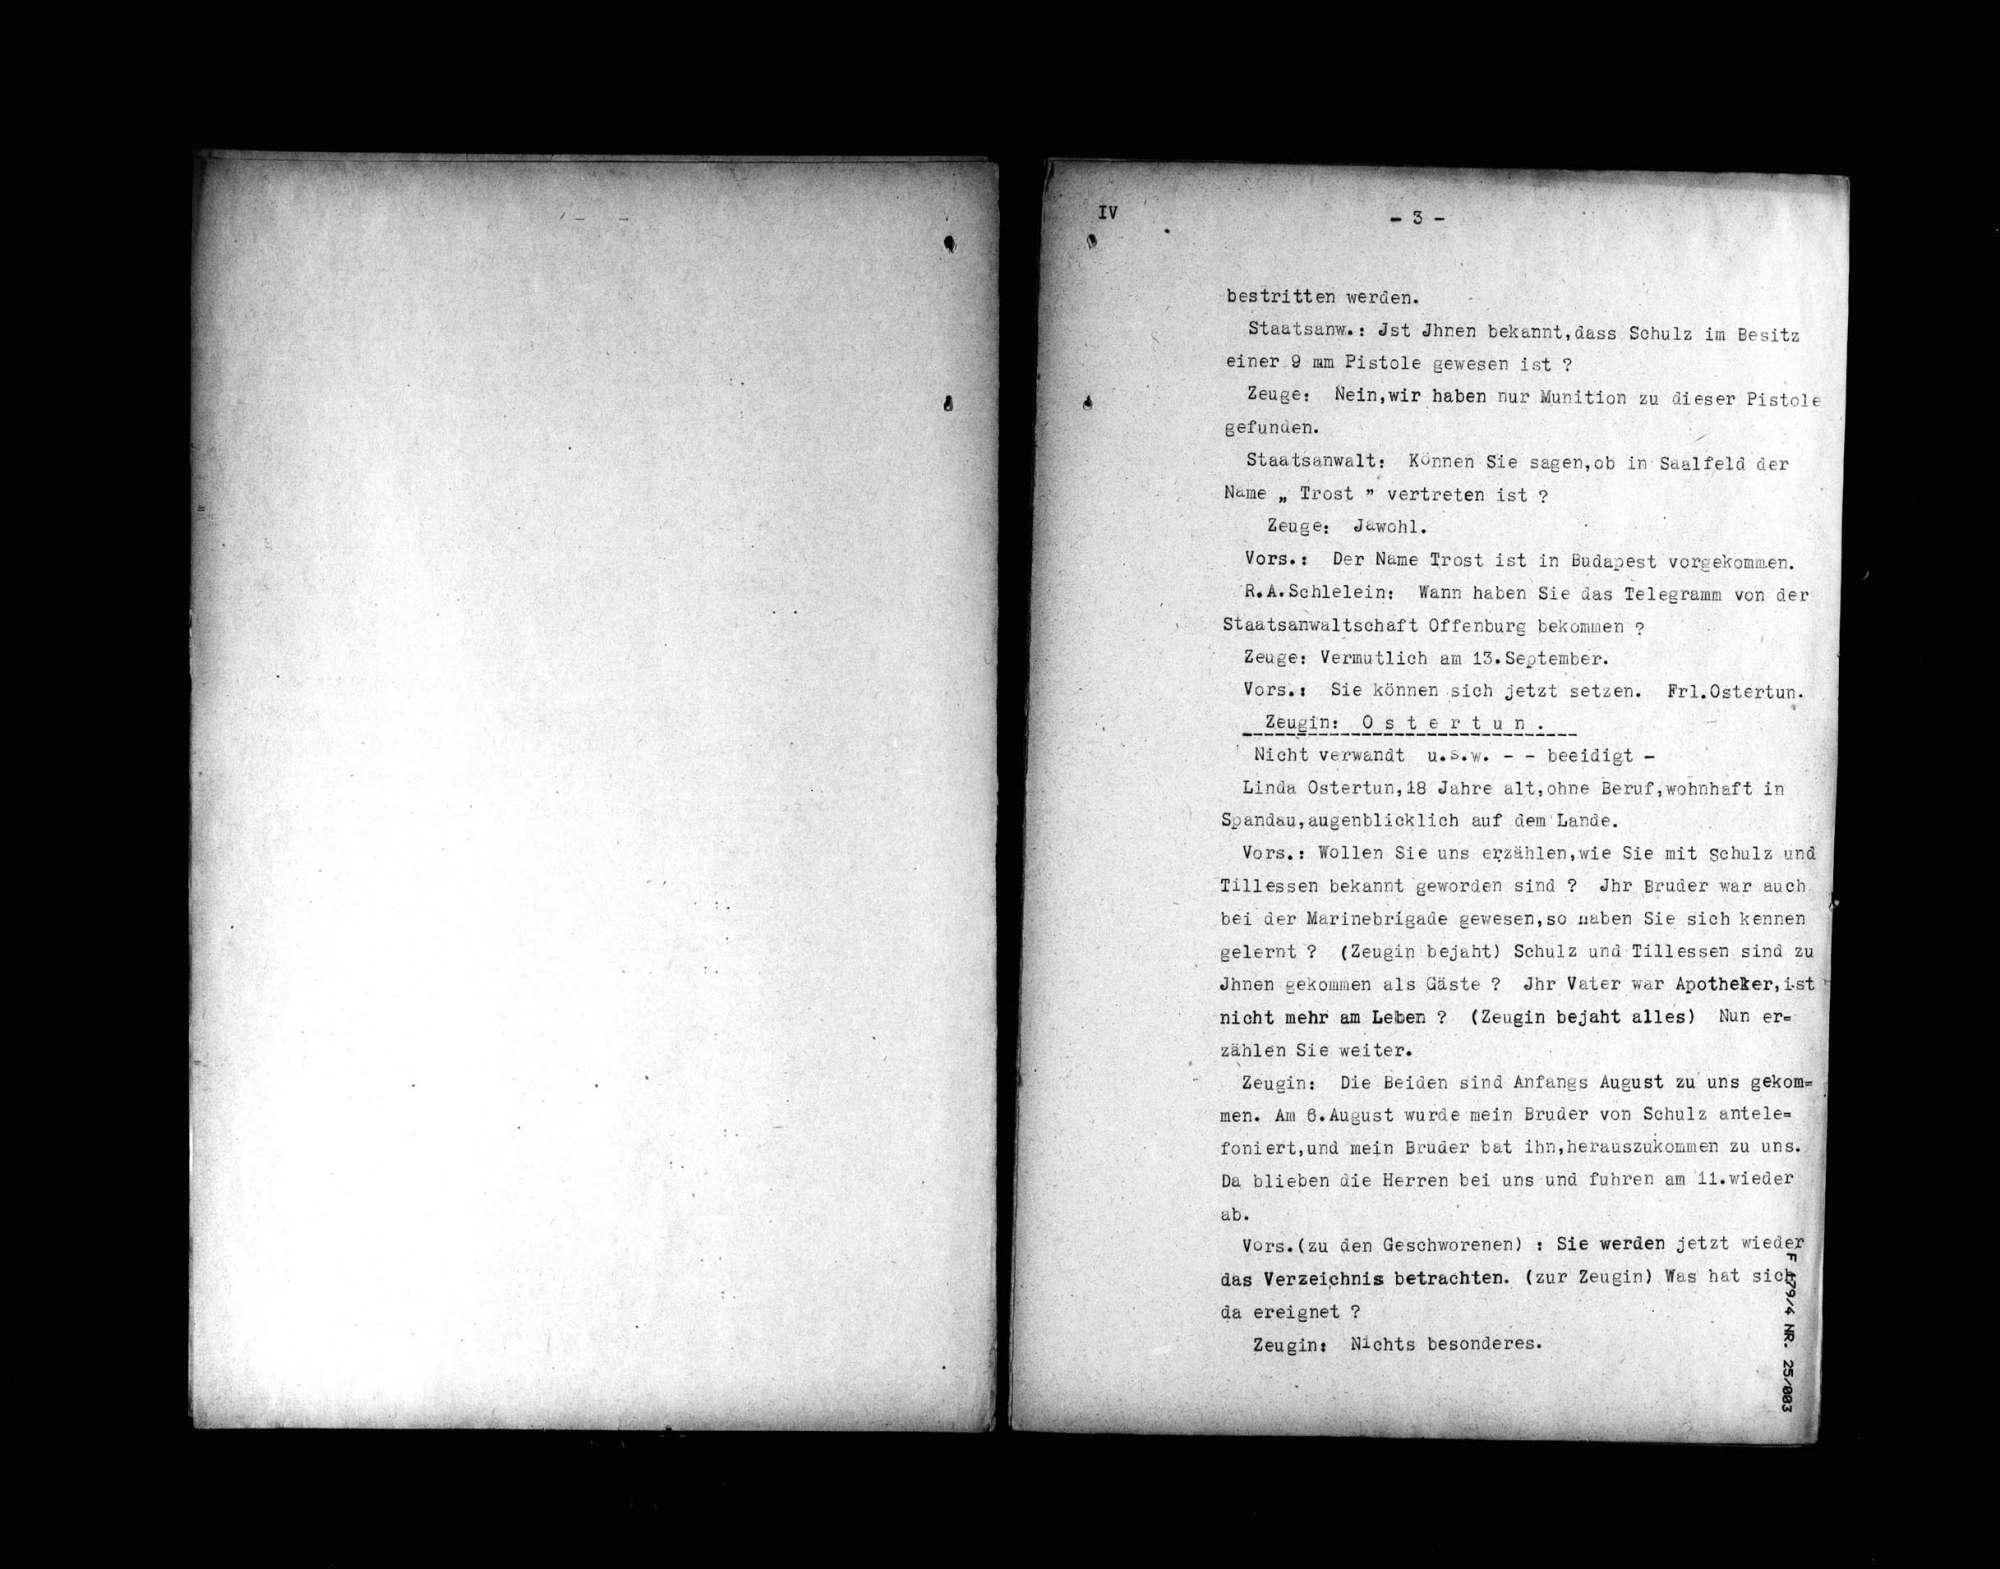 Protokolle der Hauptverhandlung gegen Manfred v. Killinger wegen Beihilfe zum Mord (4. Verhandlungstag, Tatortbesichtigung), Bild 3